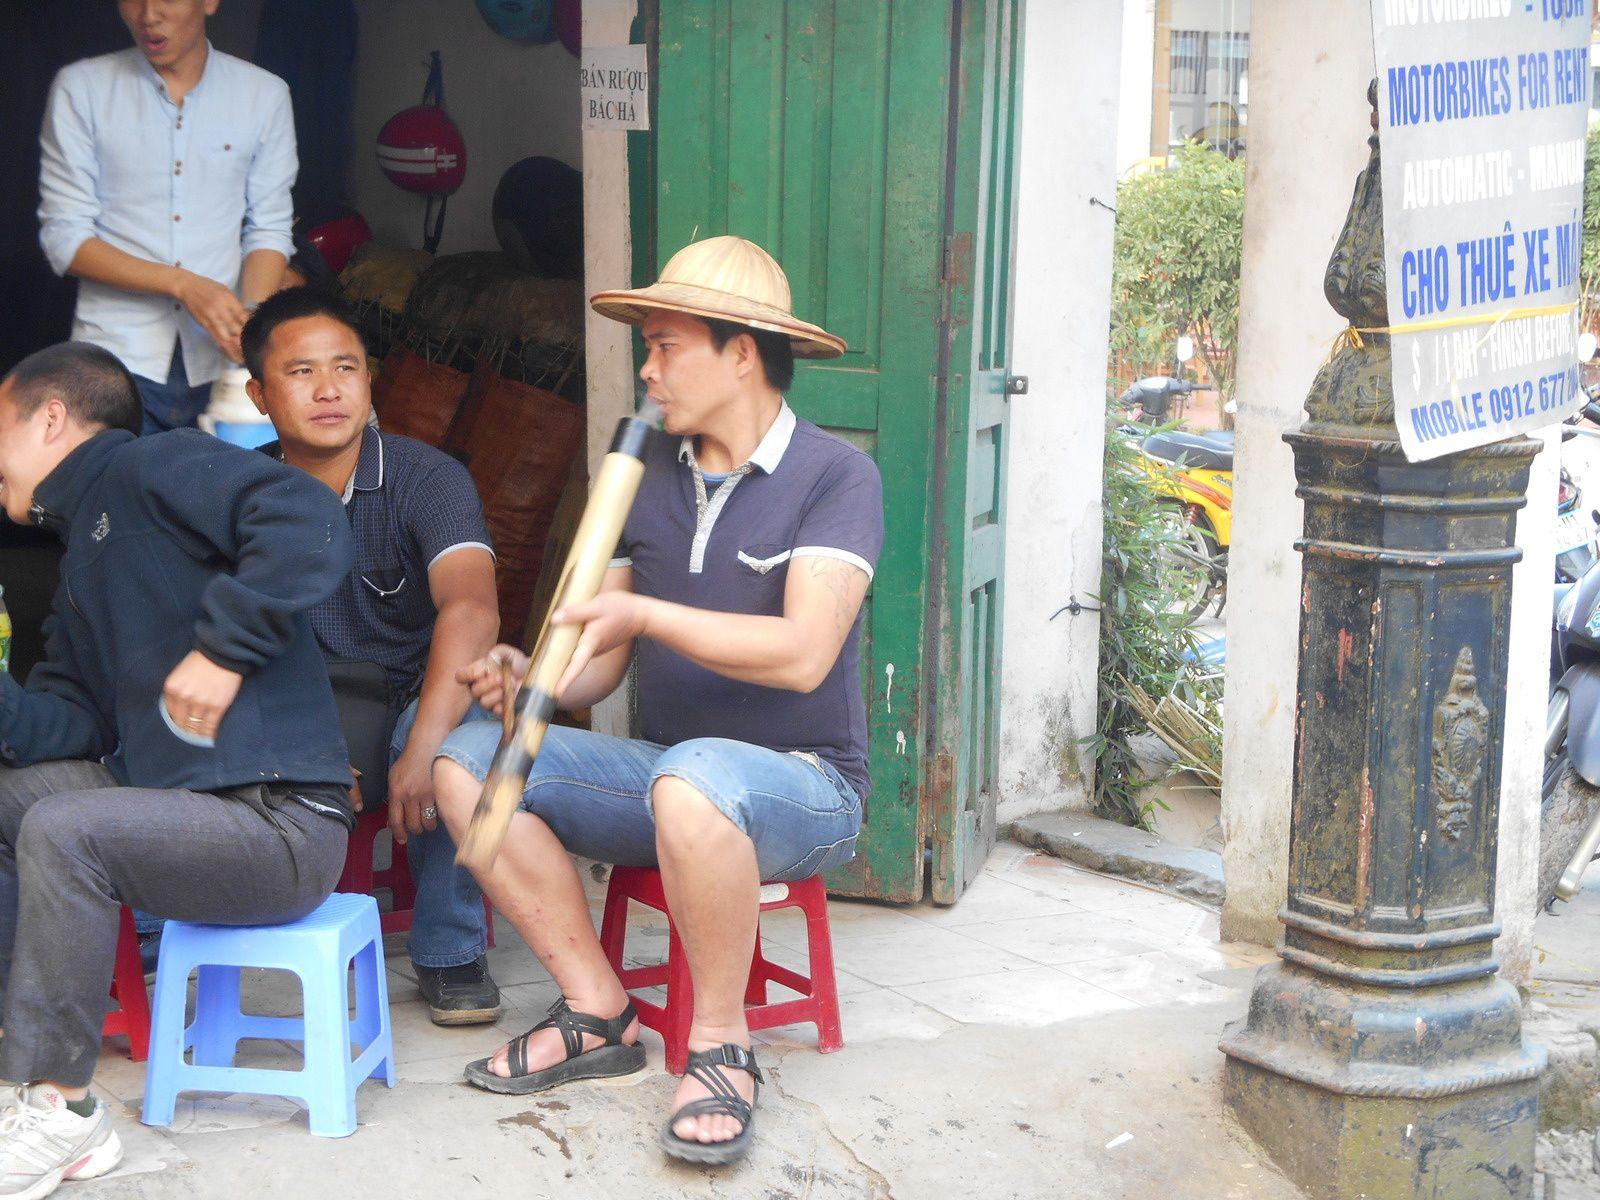 Viet Nam: 11ème journée - Sapa dans le nord du pays.